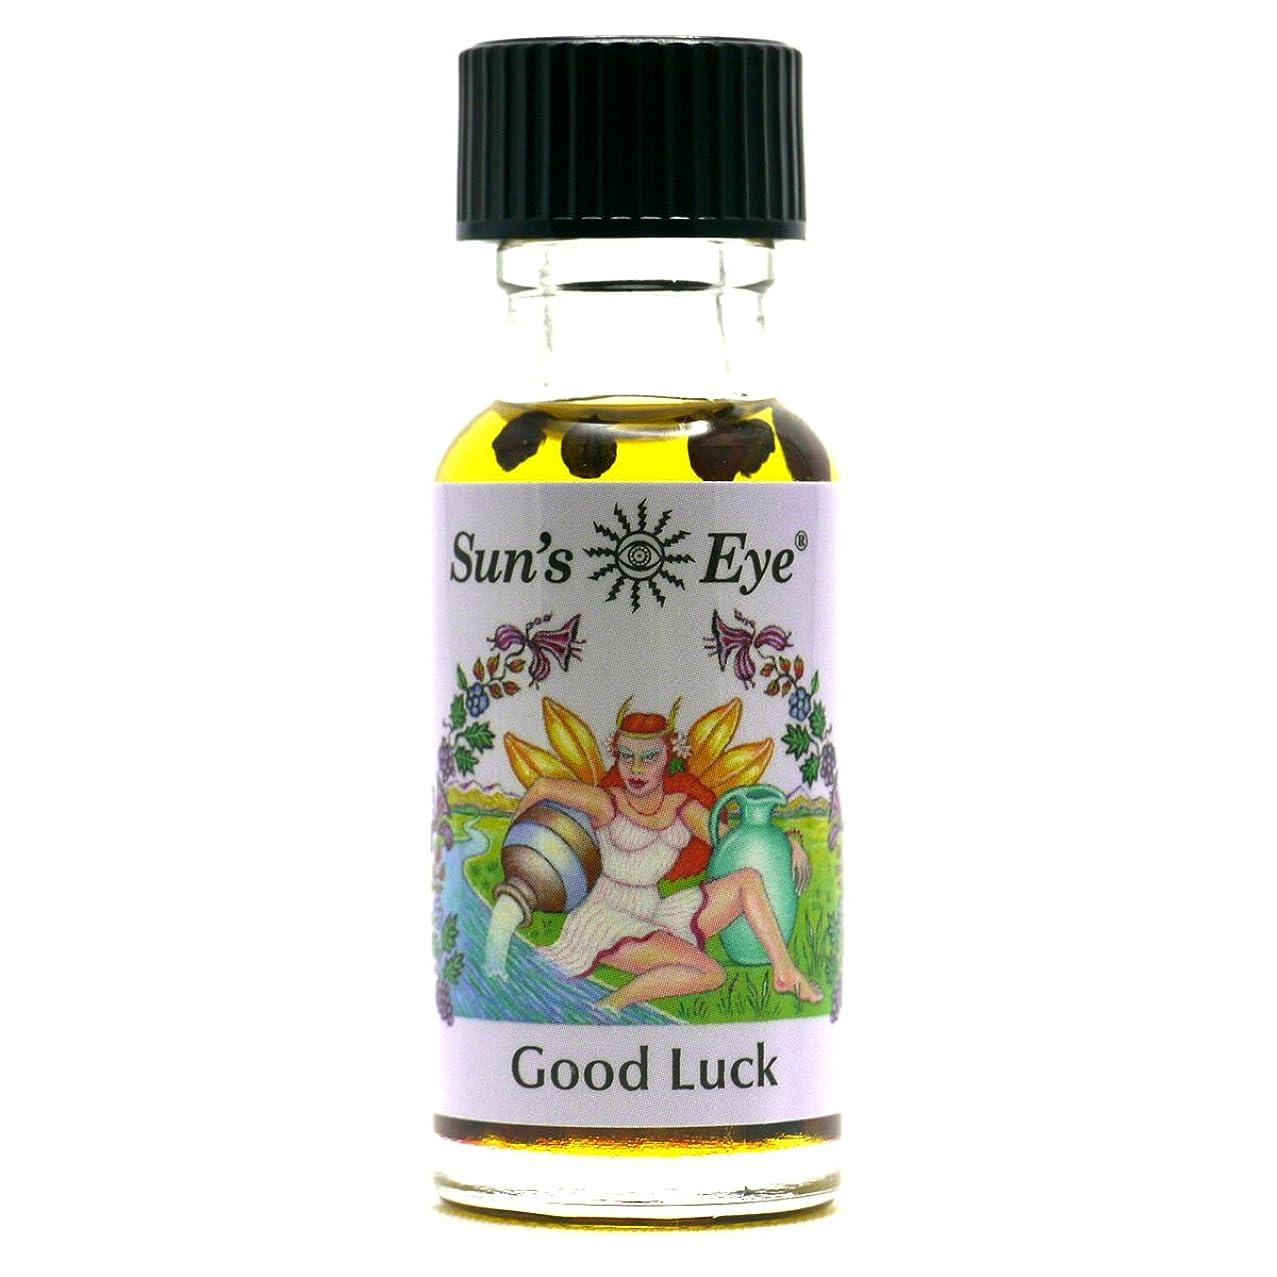 正気静脈スケッチ【Sun'sEye サンズアイ】Mystic Blends(ミスティックブレンドオイル)Good Luck(グッドラック 幸運)